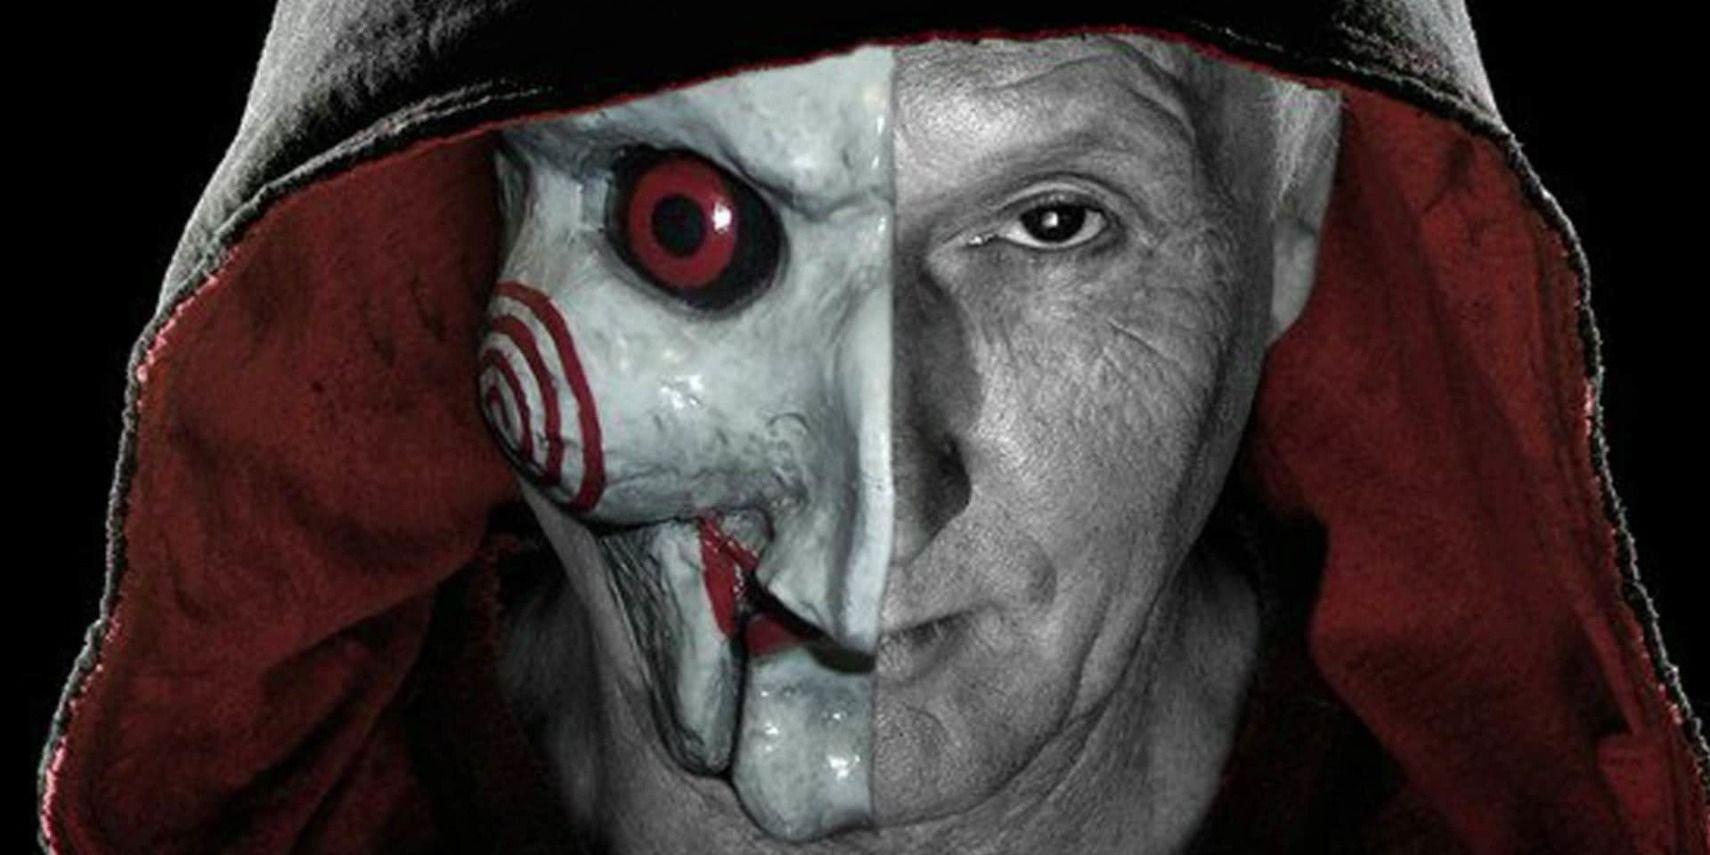 Saw Horror